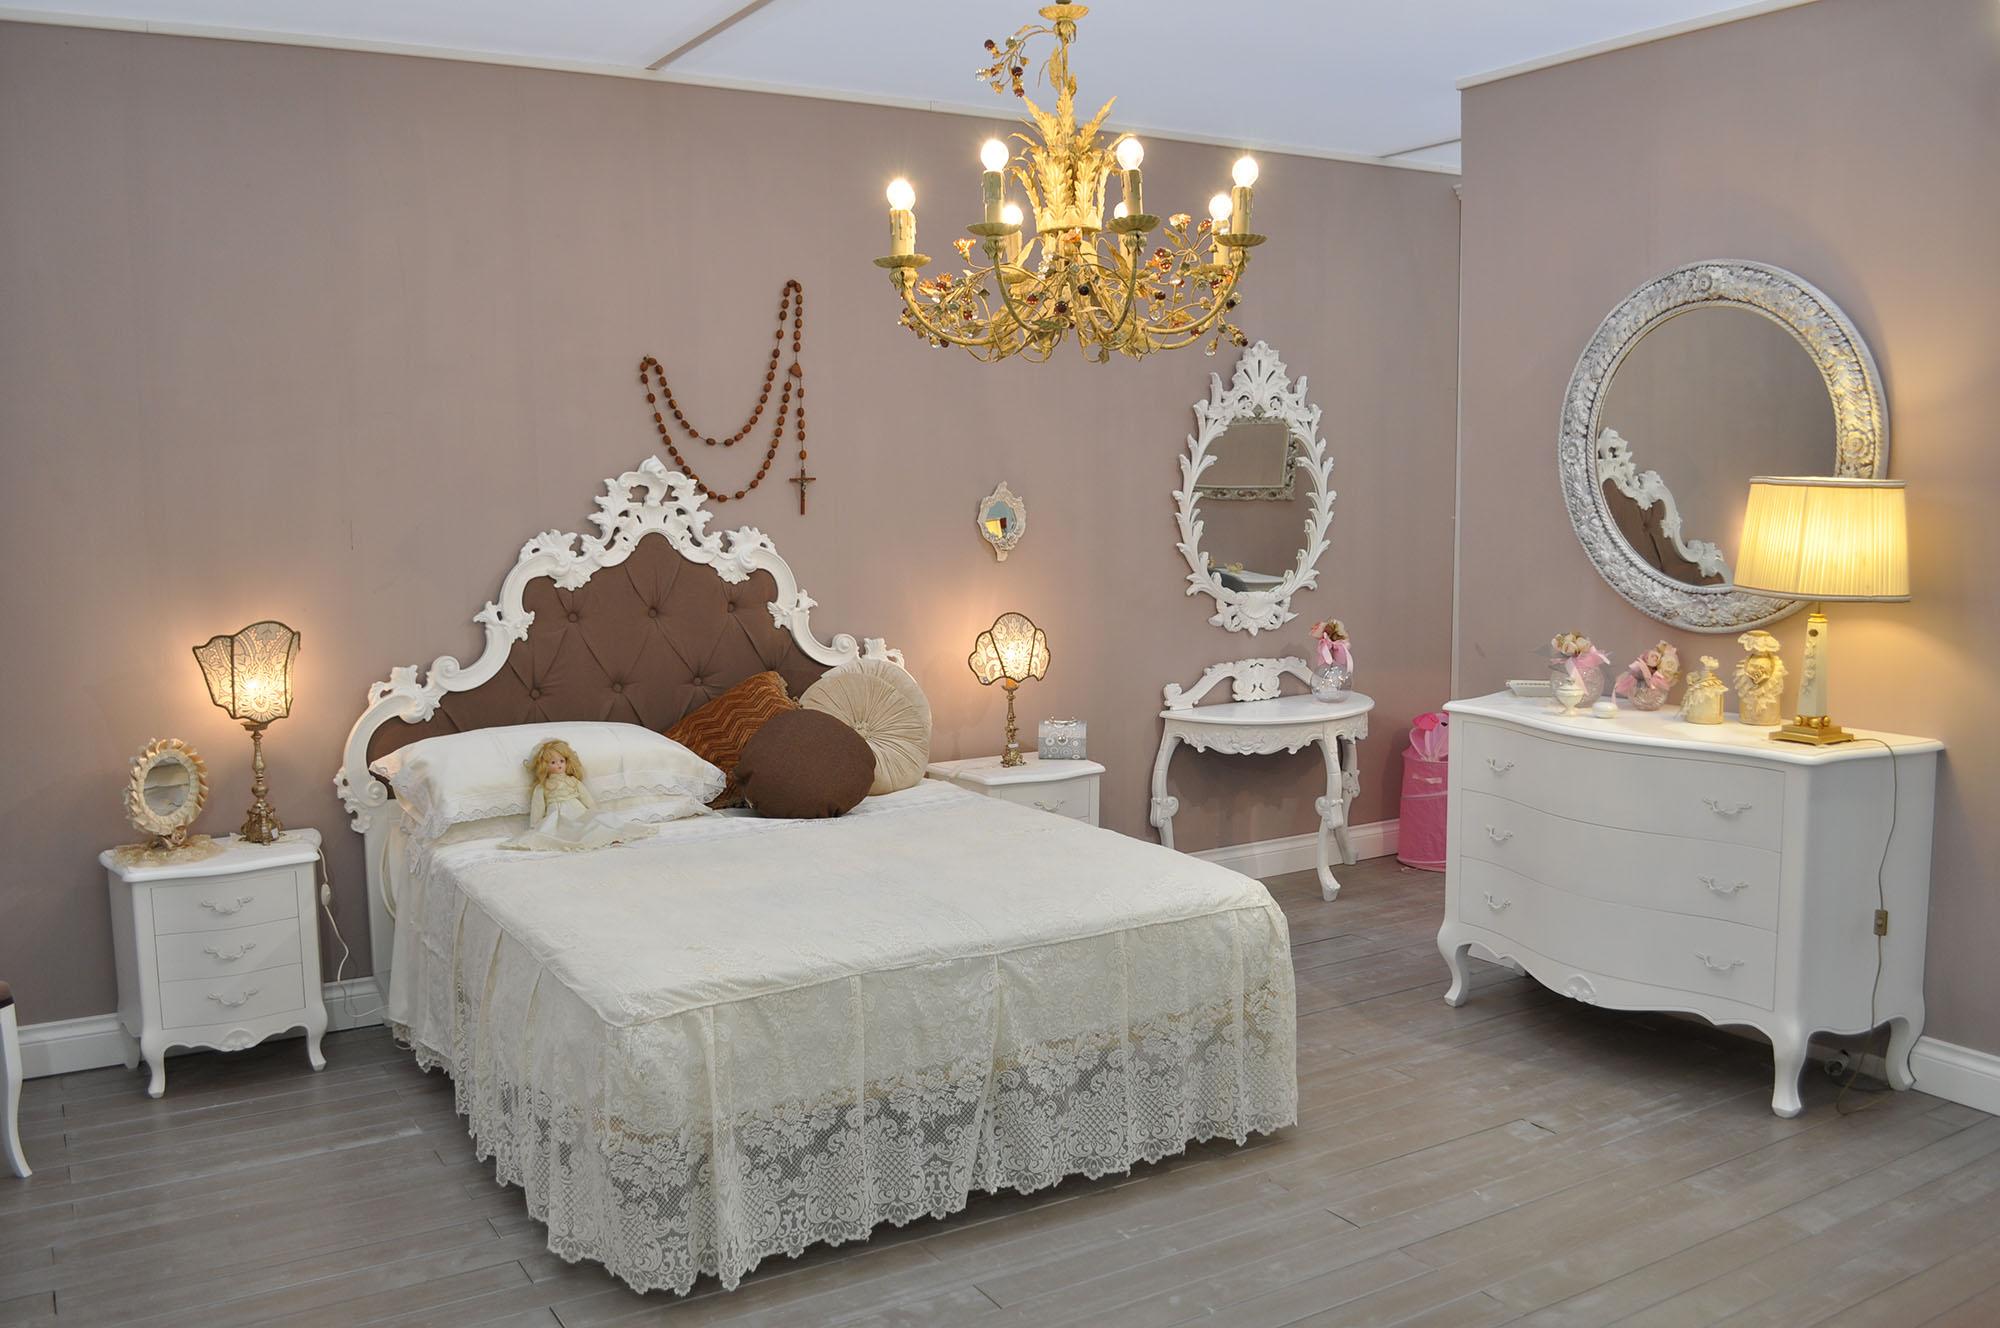 Camere da letto Roma falegnameria su misura  (1)